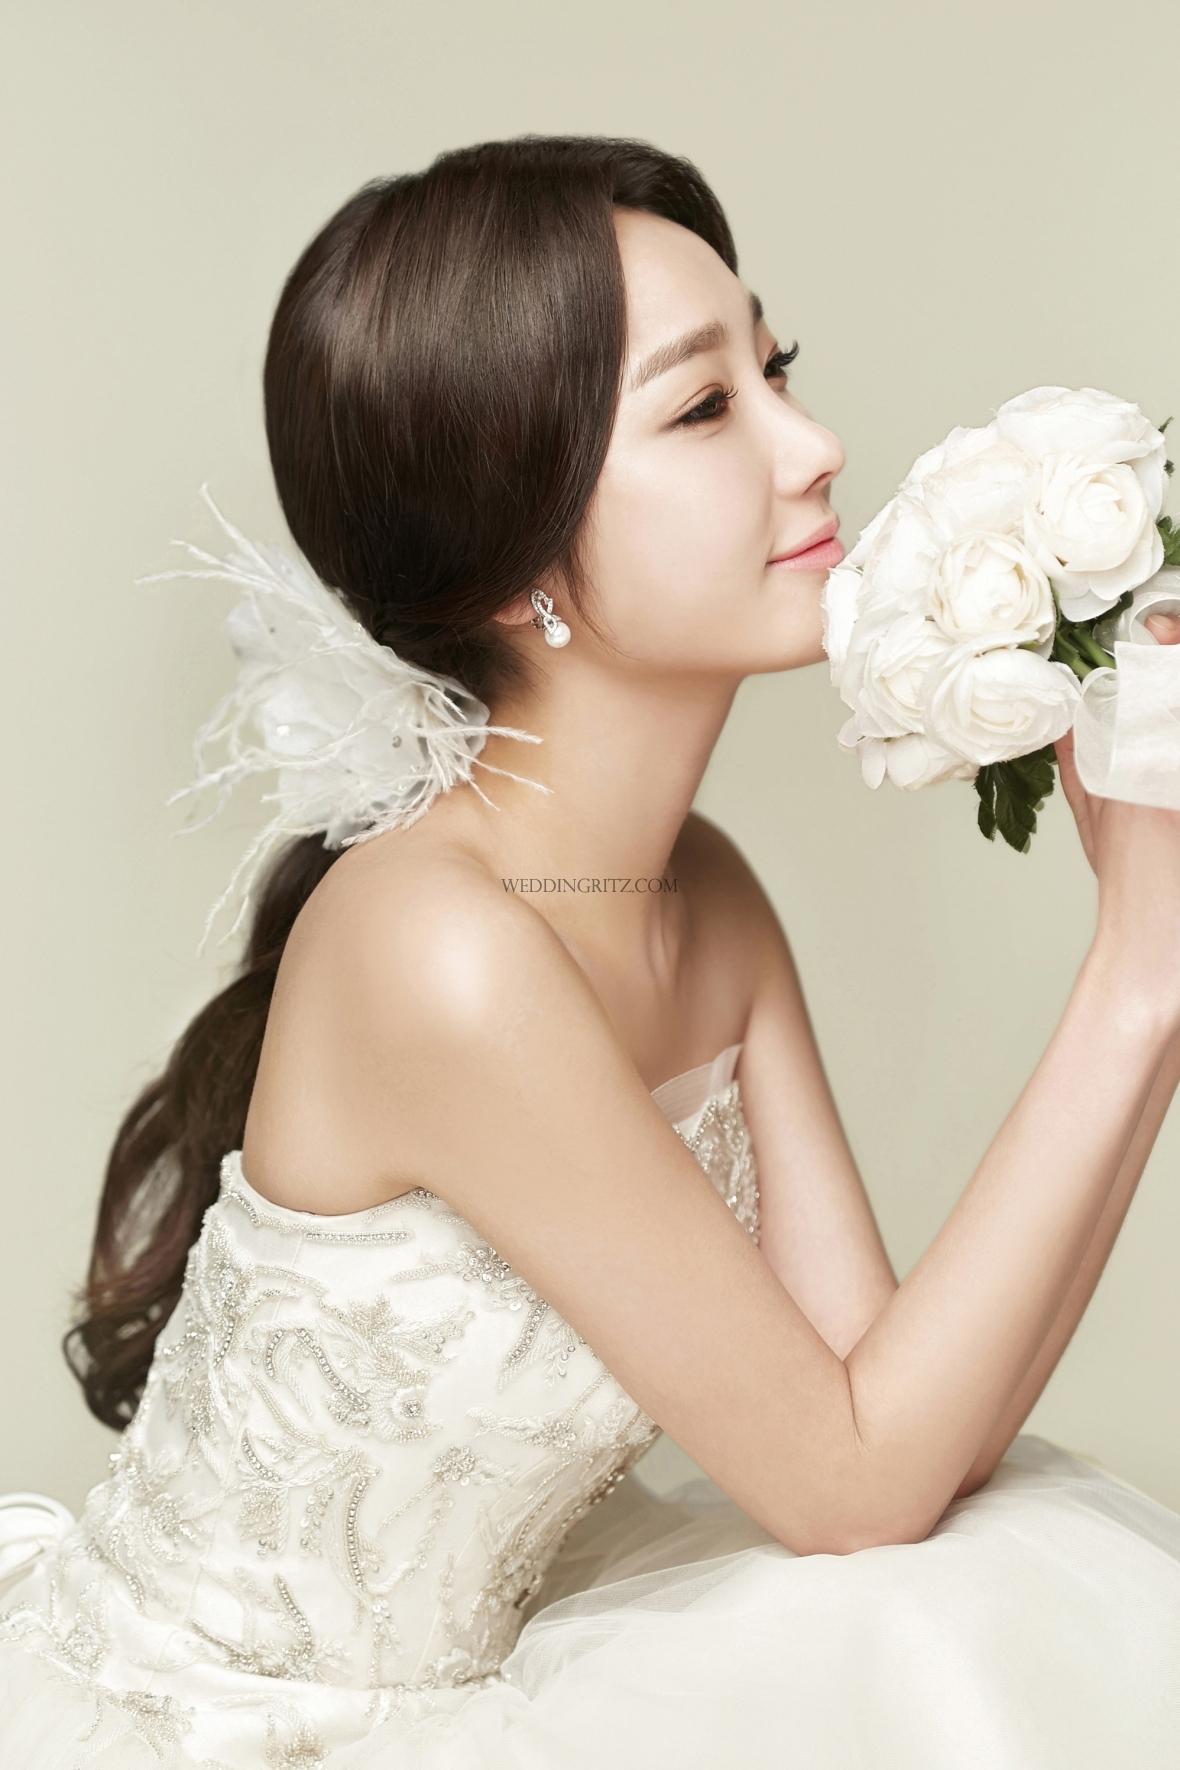 xu hướng trang điểm cô dâu 13392932